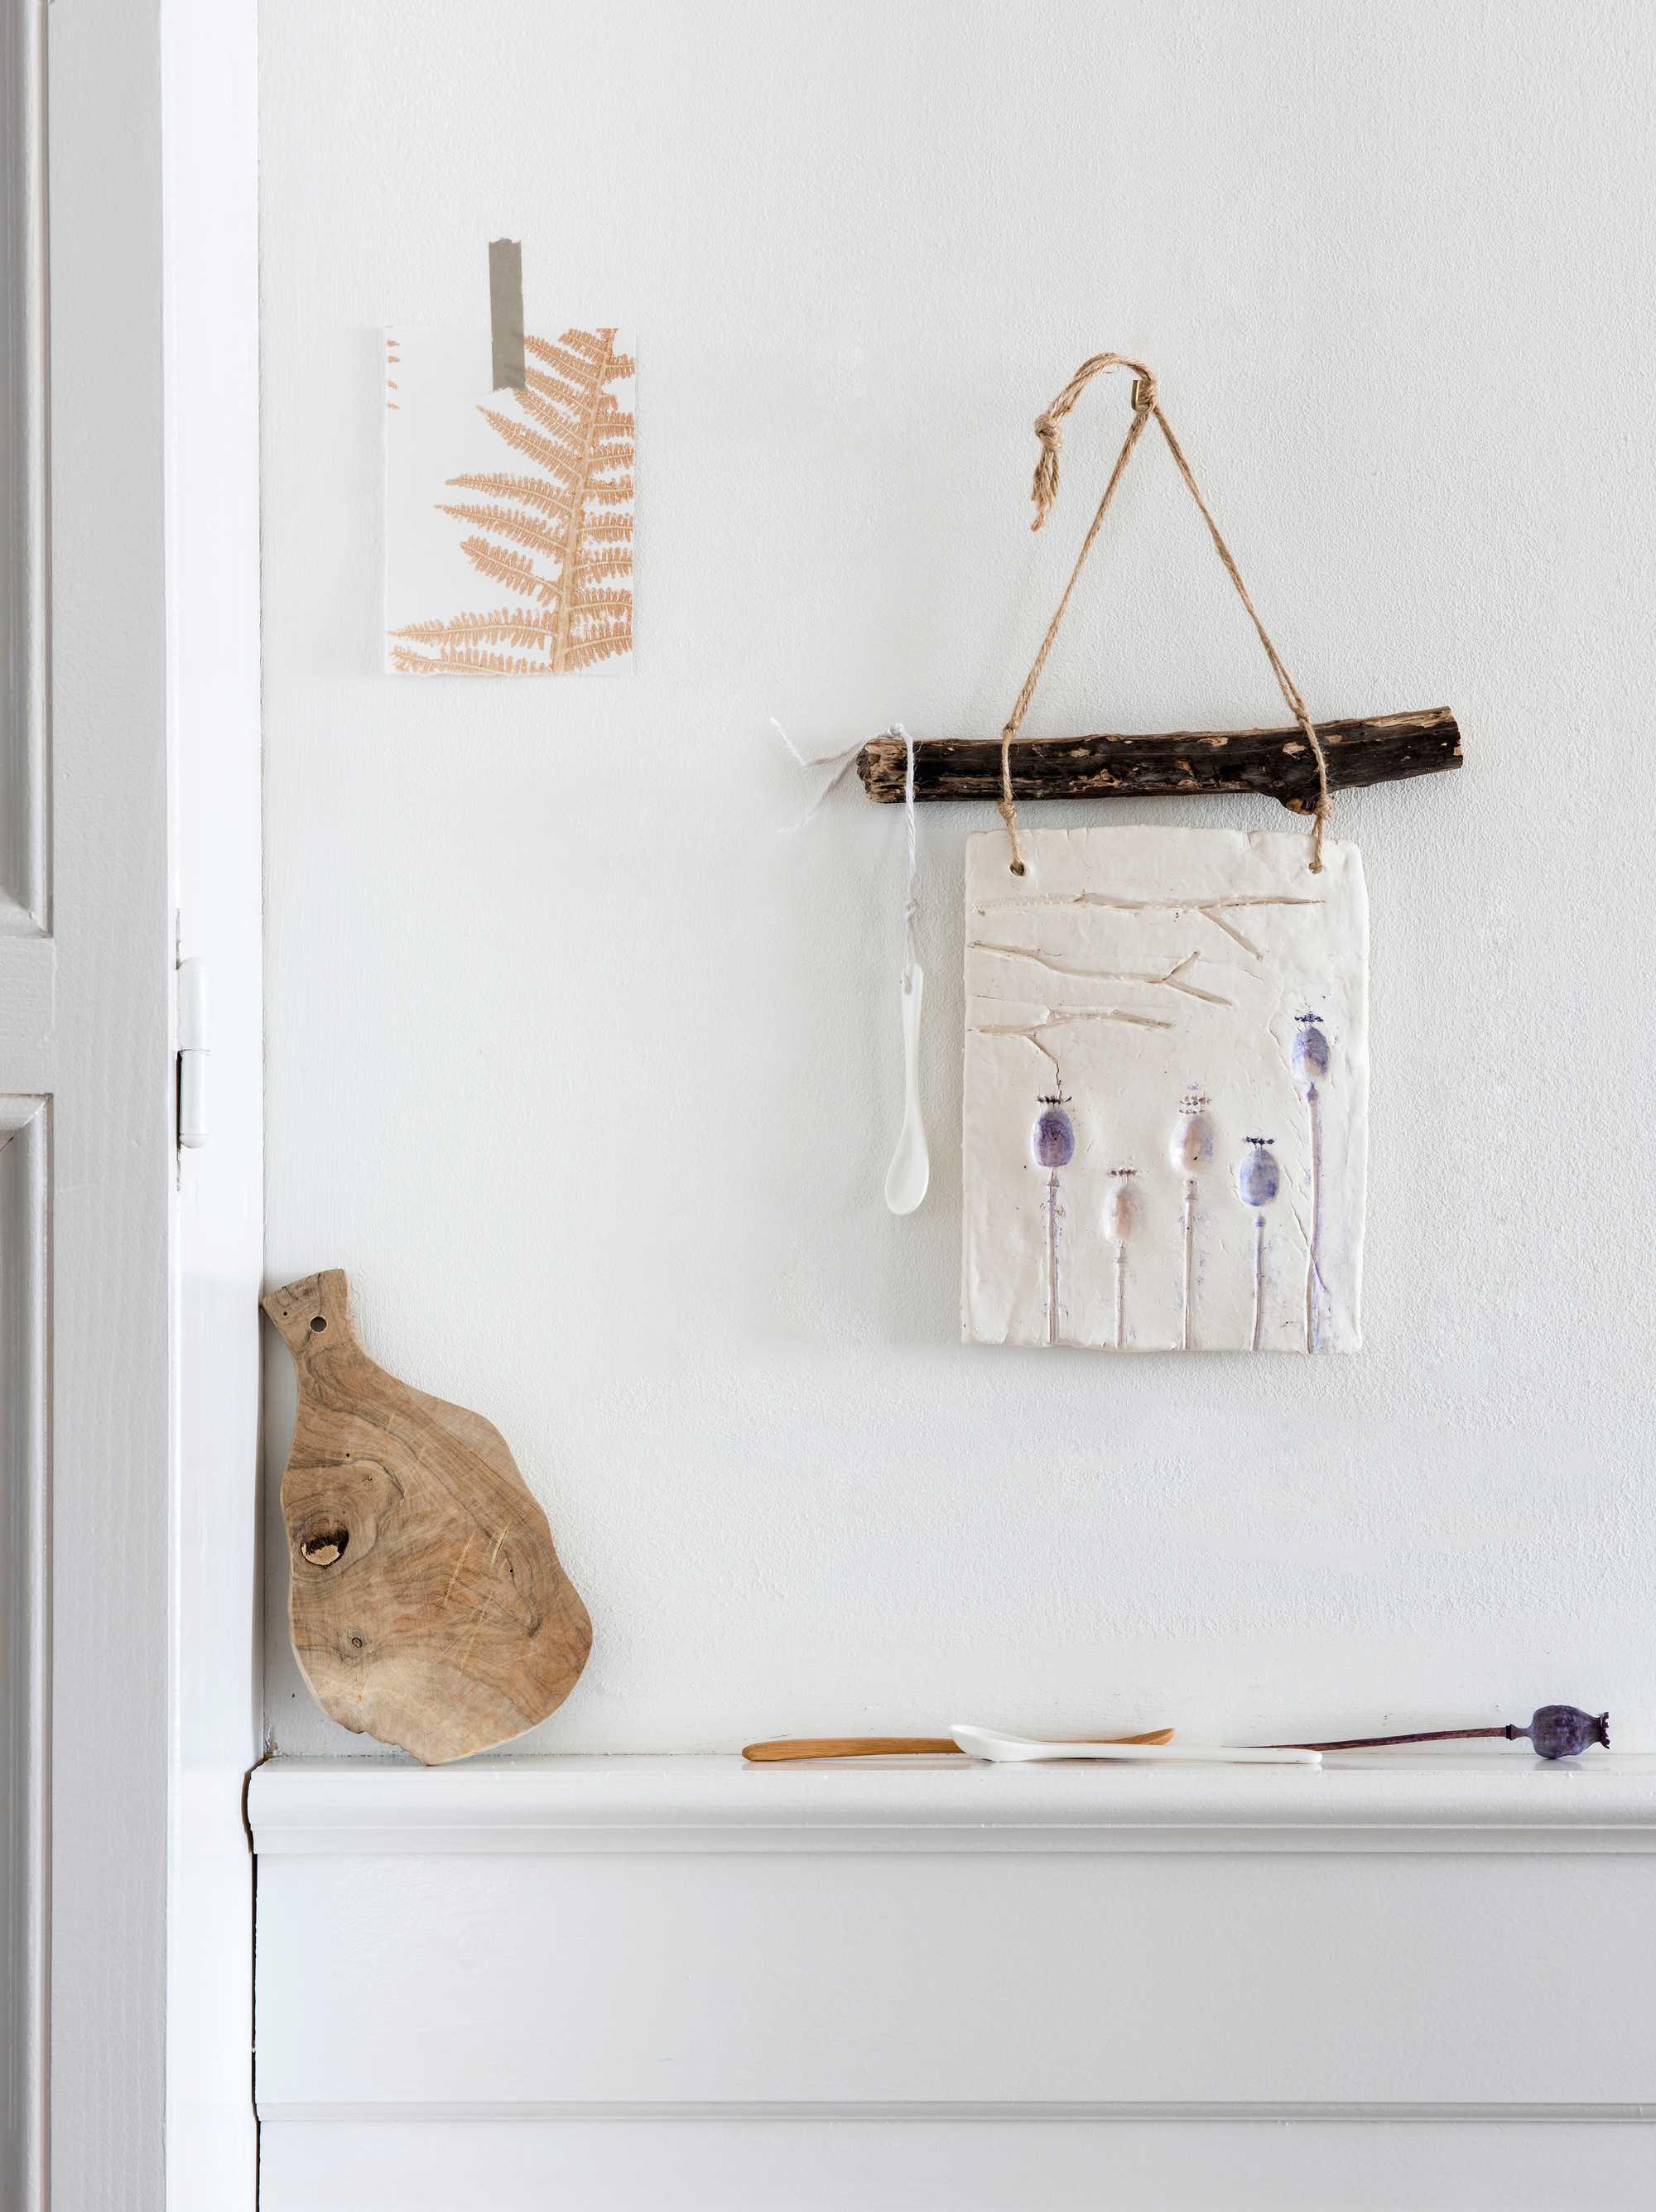 Plankje Voor Aan De Muur.Zelf Maken Met Klei Plankje Freubelweb Freubelweb